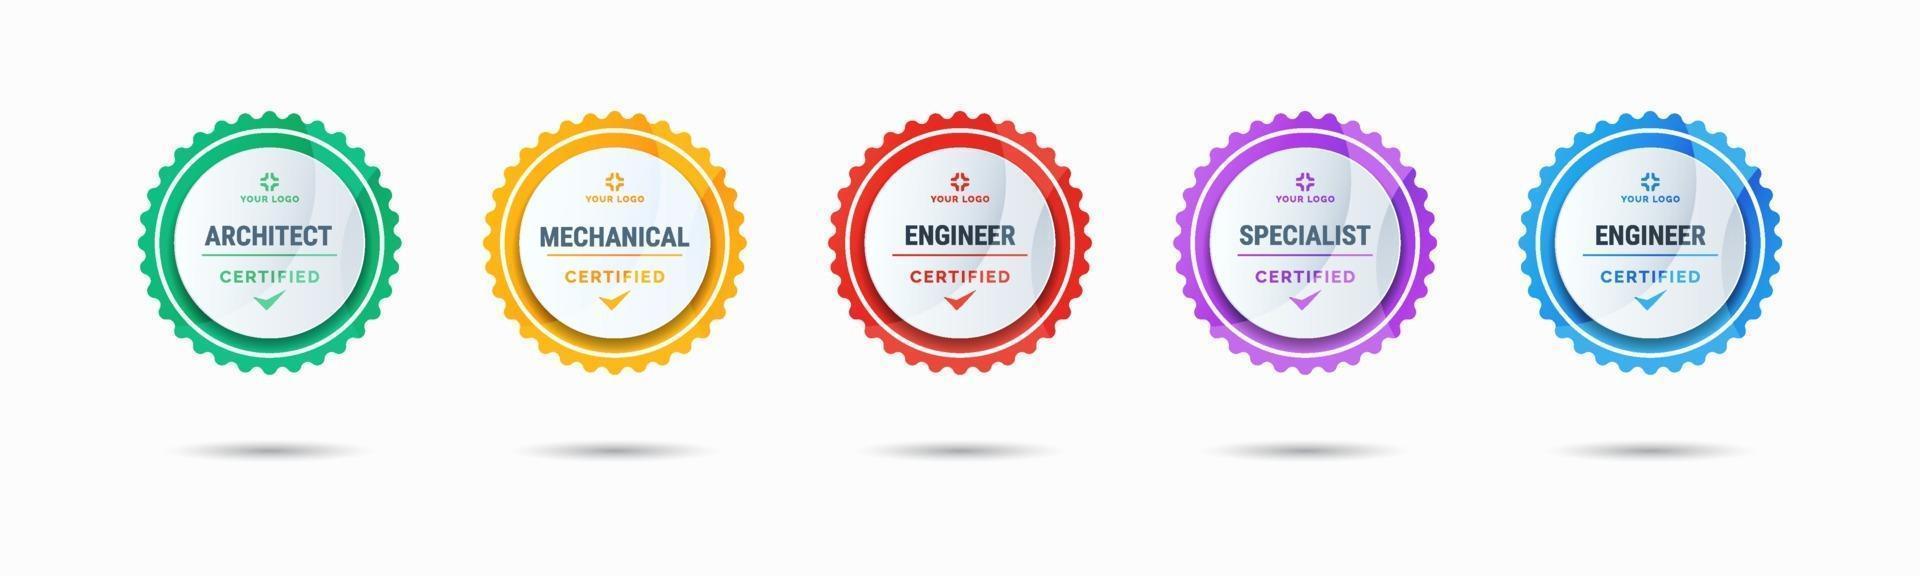 Design des zertifizierten Ausweislogos für Firmenausbildungsausweiszertifikate zur Bestimmung anhand von Kriterien. Set Bundle zertifizieren bunte Vektor-Illustration. vektor